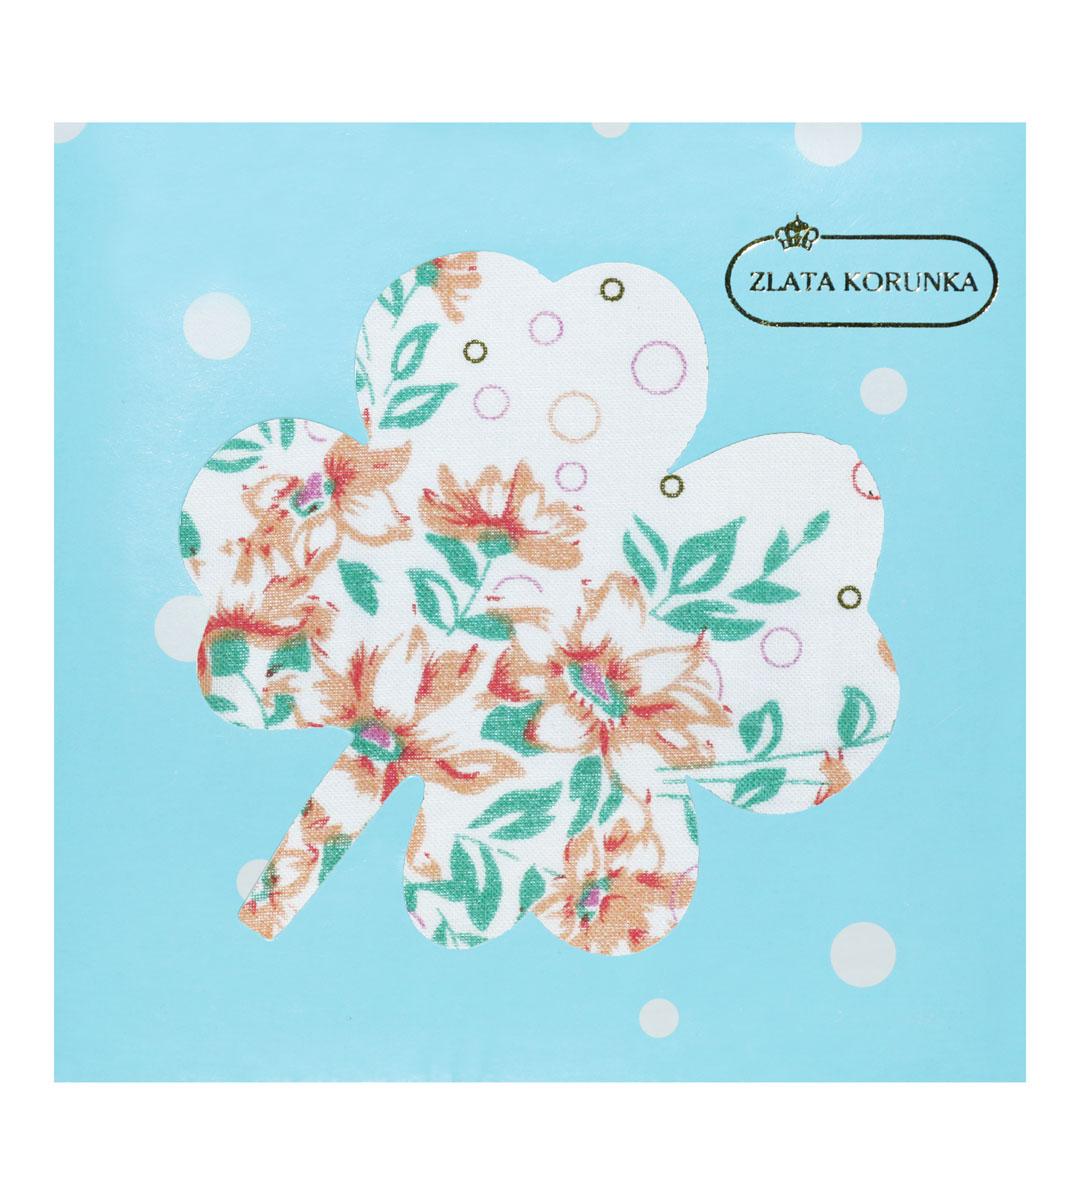 Платок носовой женский Zlata Korunka, цвет: белый. 90126-23. Размер 28 см х 28 смСерьги с подвескамиОригинальный женский носовой платок Zlata Korunka изготовлен из высококачественного натурального хлопка, благодаря чему приятен в использовании, хорошо стирается, не садится и отлично впитывает влагу. Практичный и изящный носовой платок будет незаменим в повседневной жизни любого современного человека. Такой платок послужит стильным аксессуаром и подчеркнет ваше превосходное чувство вкуса.